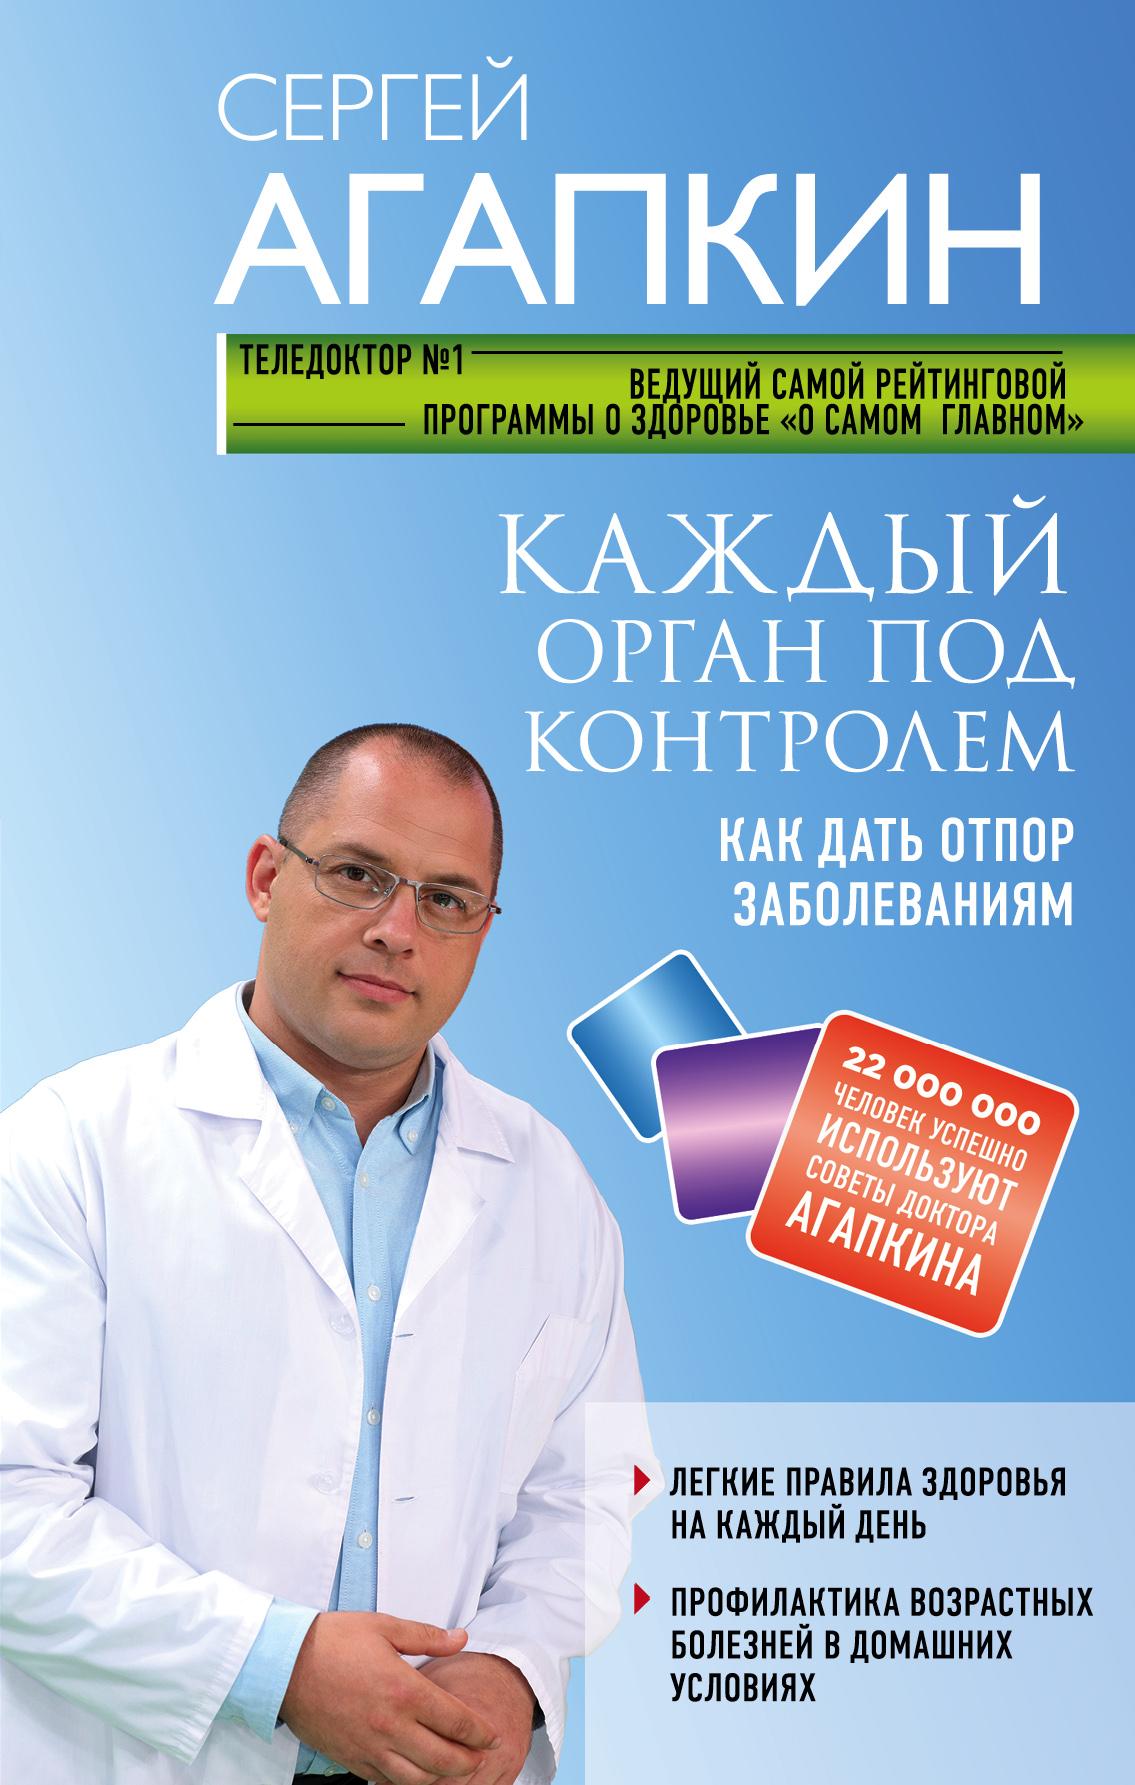 Сергей Агапкин Каждый орган под контролем. Как дать отпор заболеваниям агапкин с 1000 советов доктора агапкина